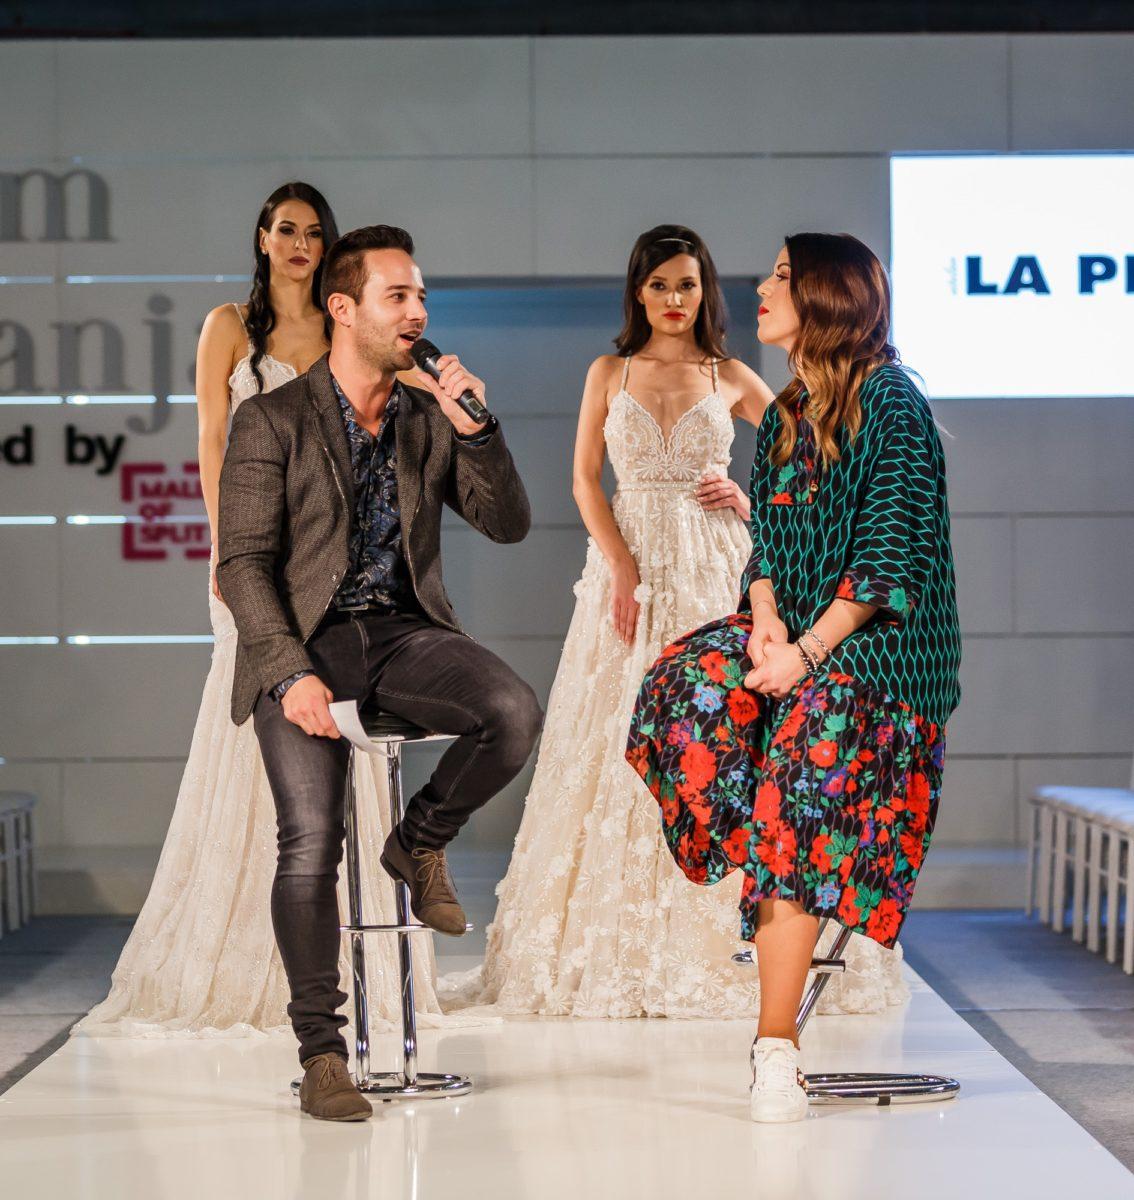 Trendovi u vjenčanoj modi s Danijelom Barbir (Atelier La Perla)